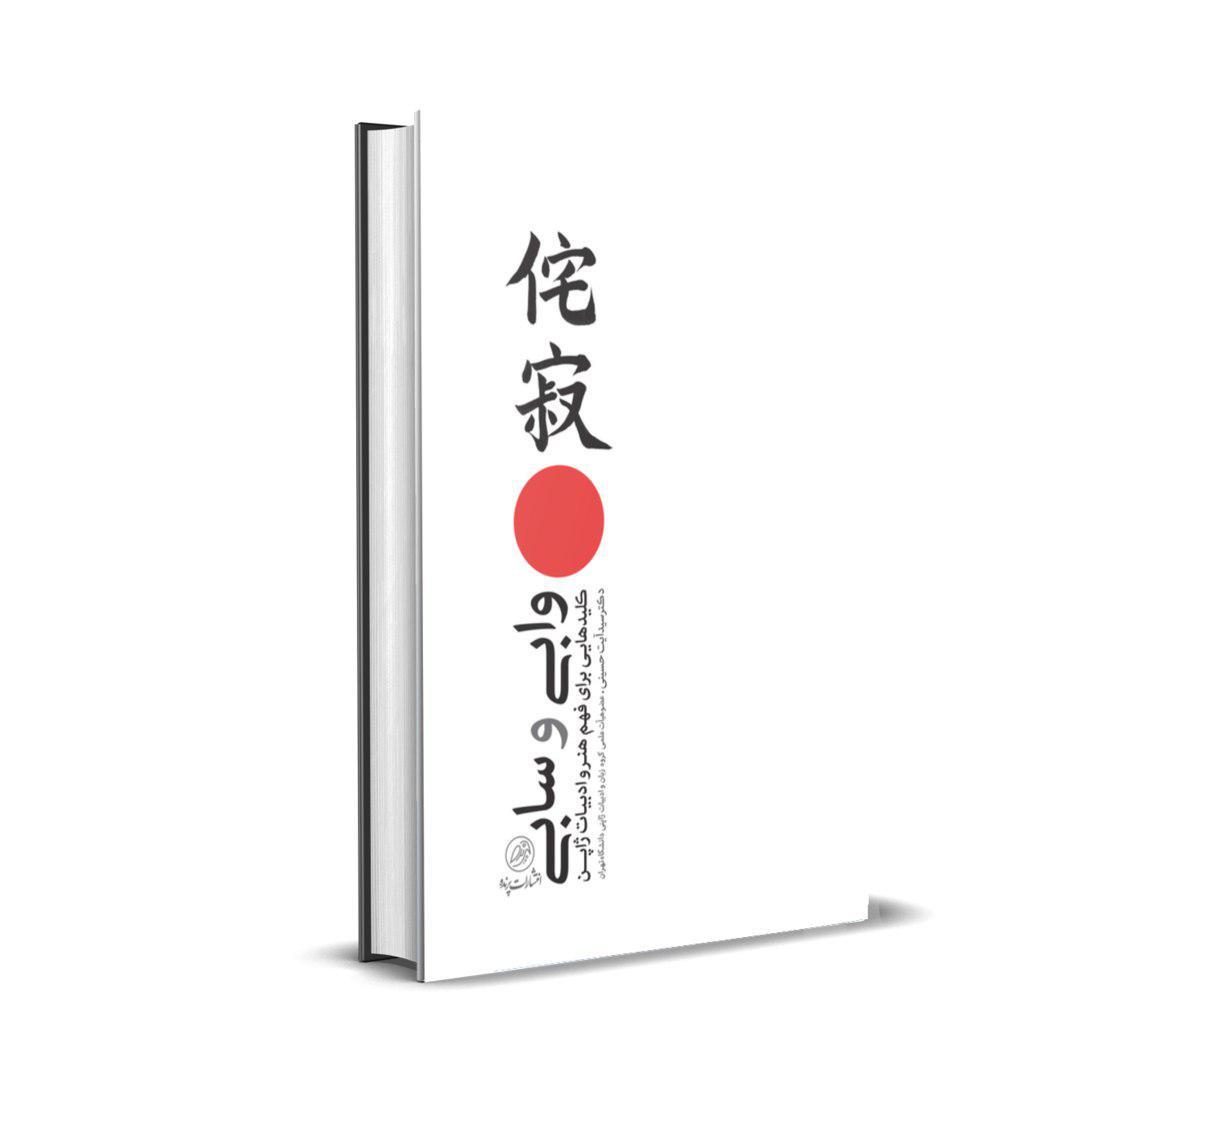 وابی و سابی، کلیدهایی برای فهم هنر و ادبیات ژاپن: الگویی انقلابی در زیباییشناسی